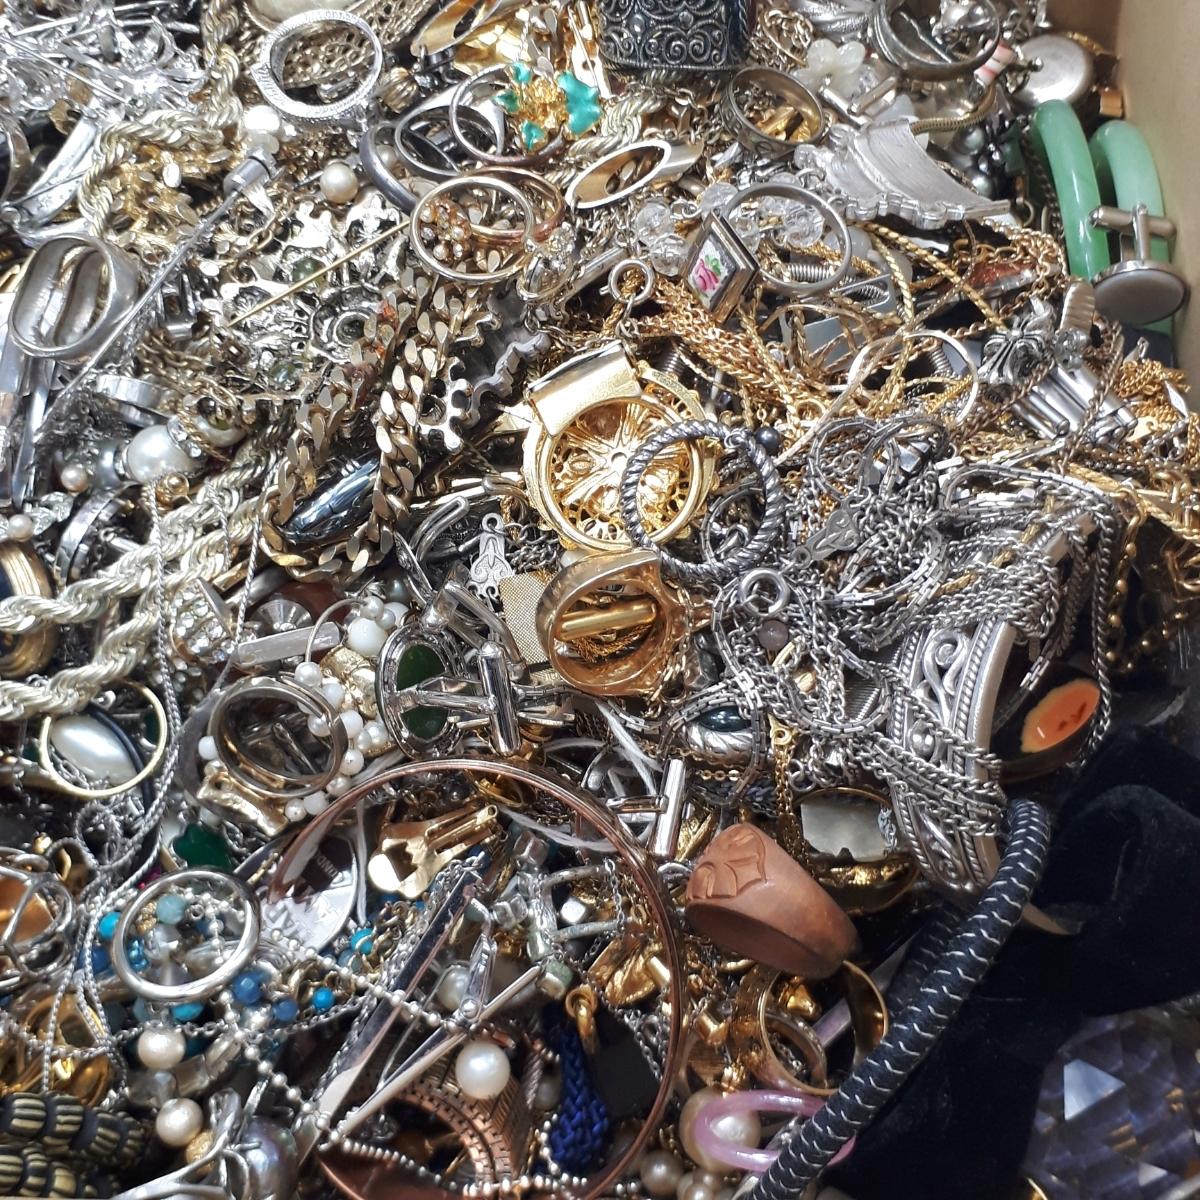 10.3kg アクセサリー 大量 ネックレス 指輪 リング ペンダント ブローチ等 まとめ売り おまとめ まとめて セット 整理品 ヴィンテージ A2_画像5